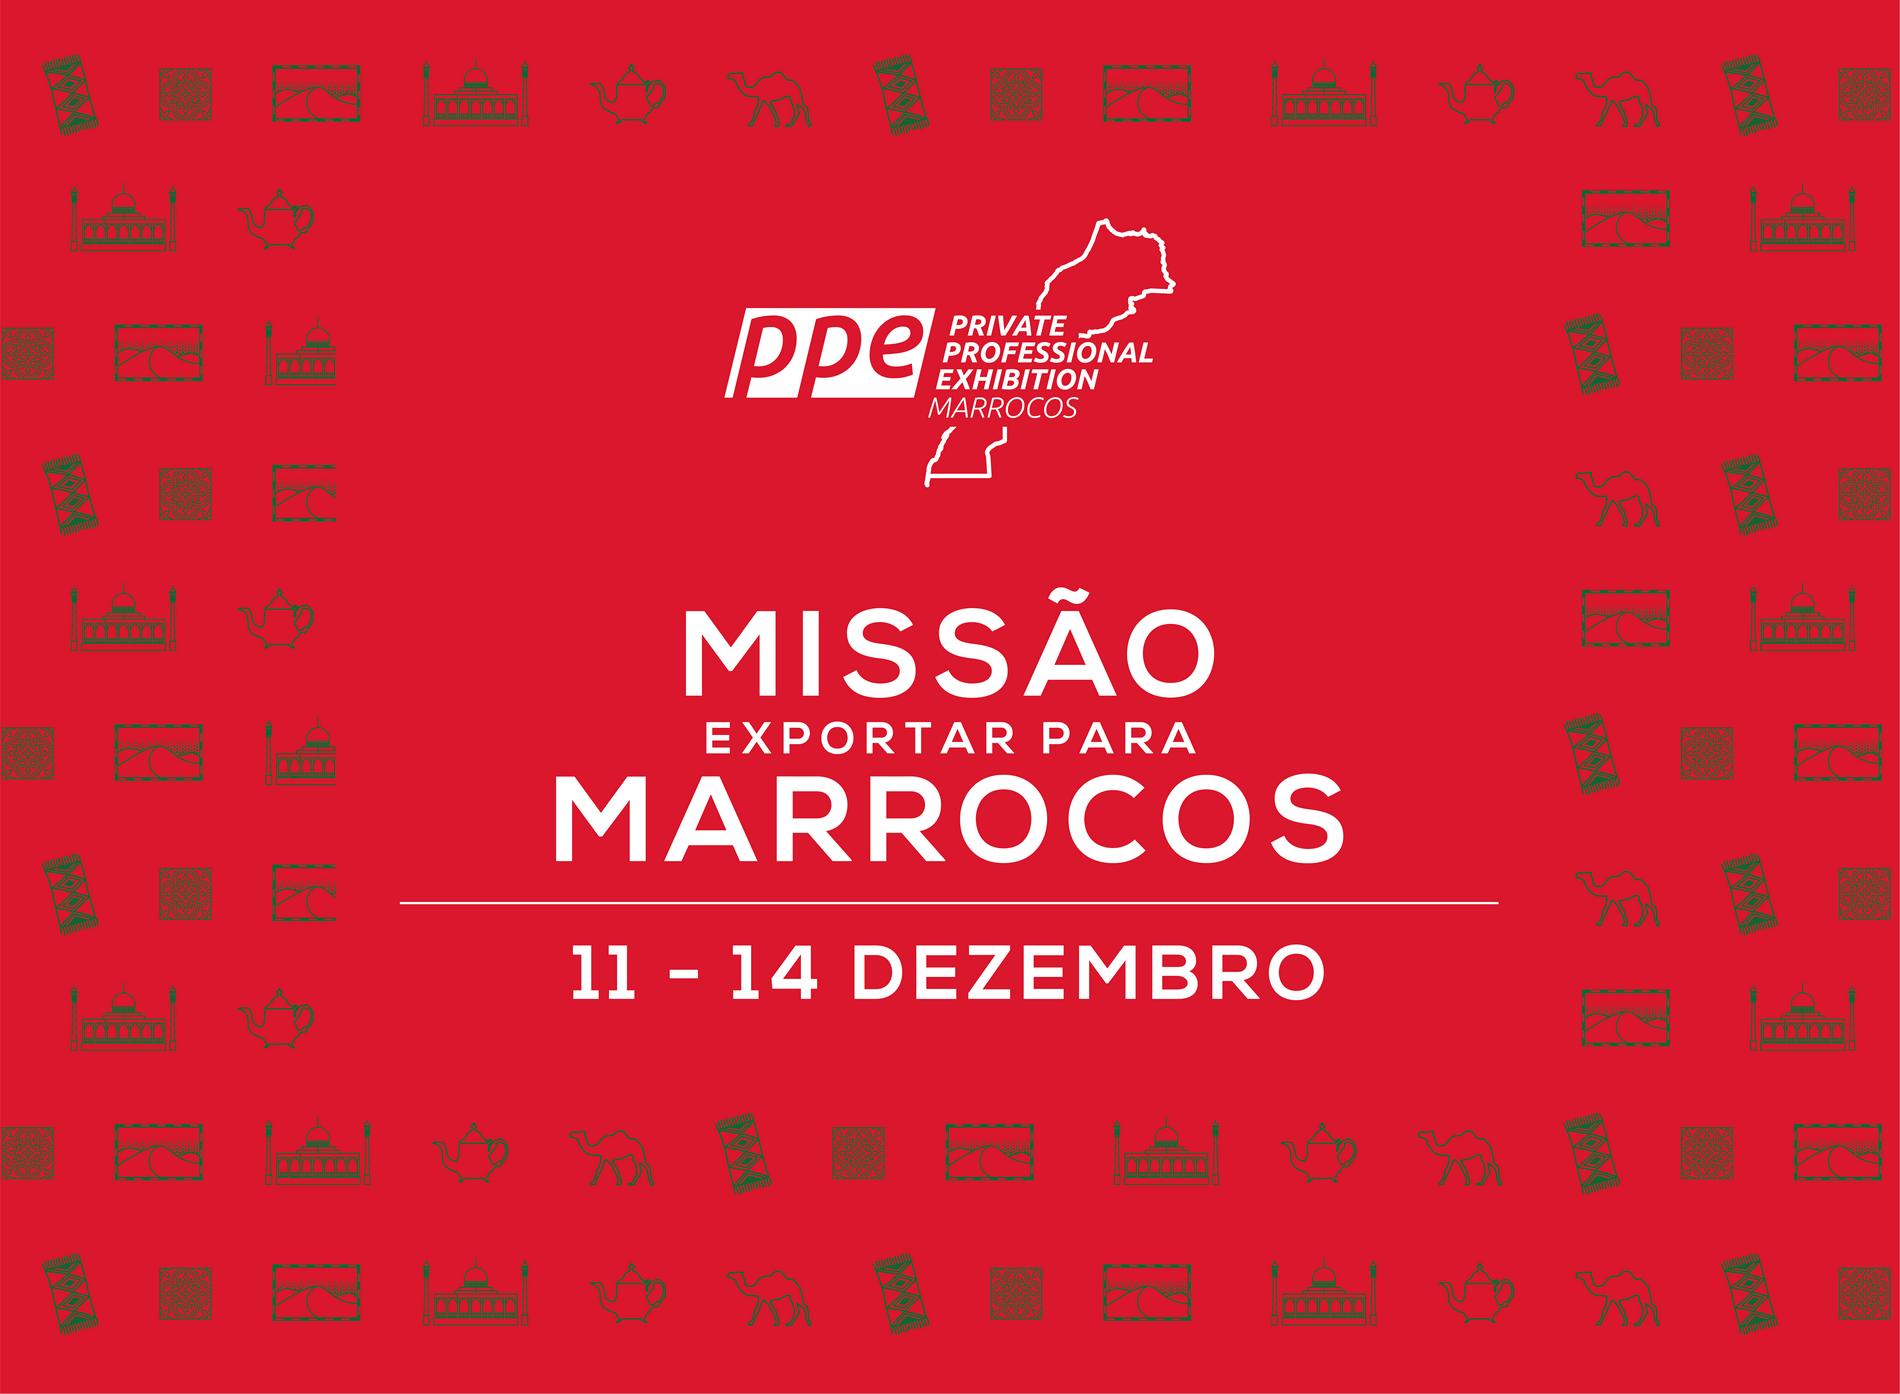 Missão Marrocos